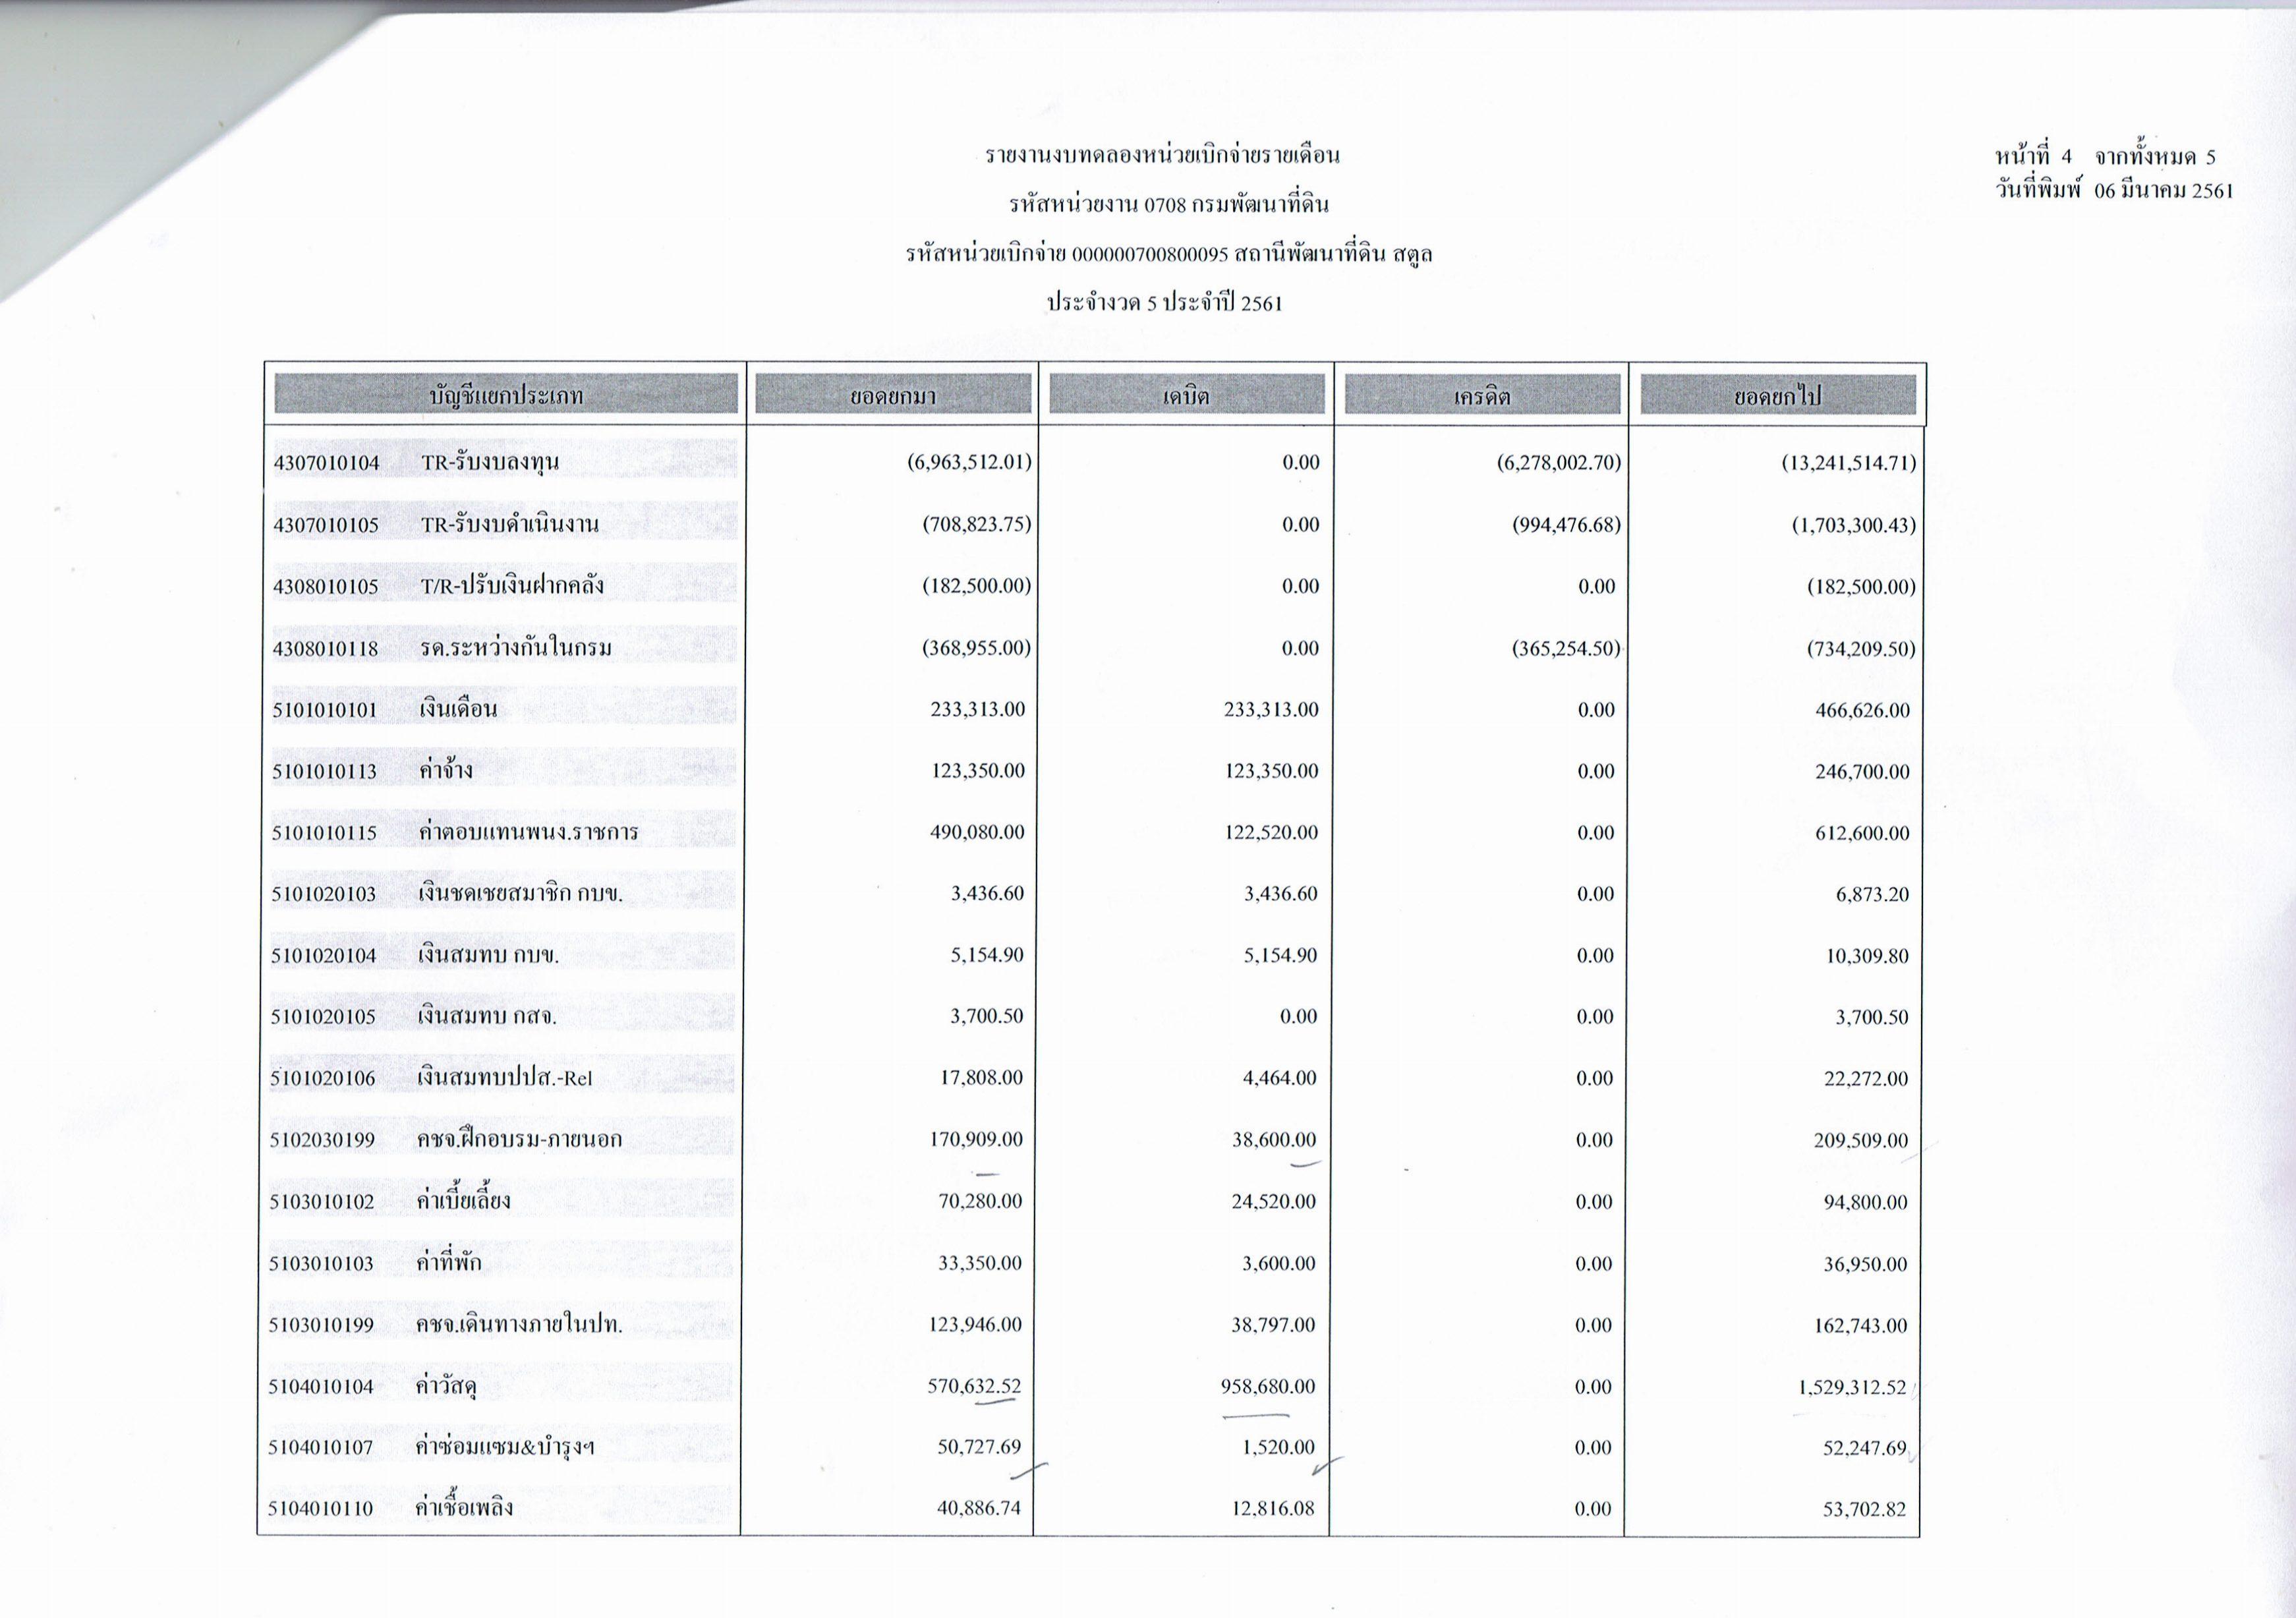 รายงานงบทดลองหน่วยเบิกจ่ายรายเดือนกุมภาพันธ์ ประจำงวด 5 ประจำปี 2561 4/5